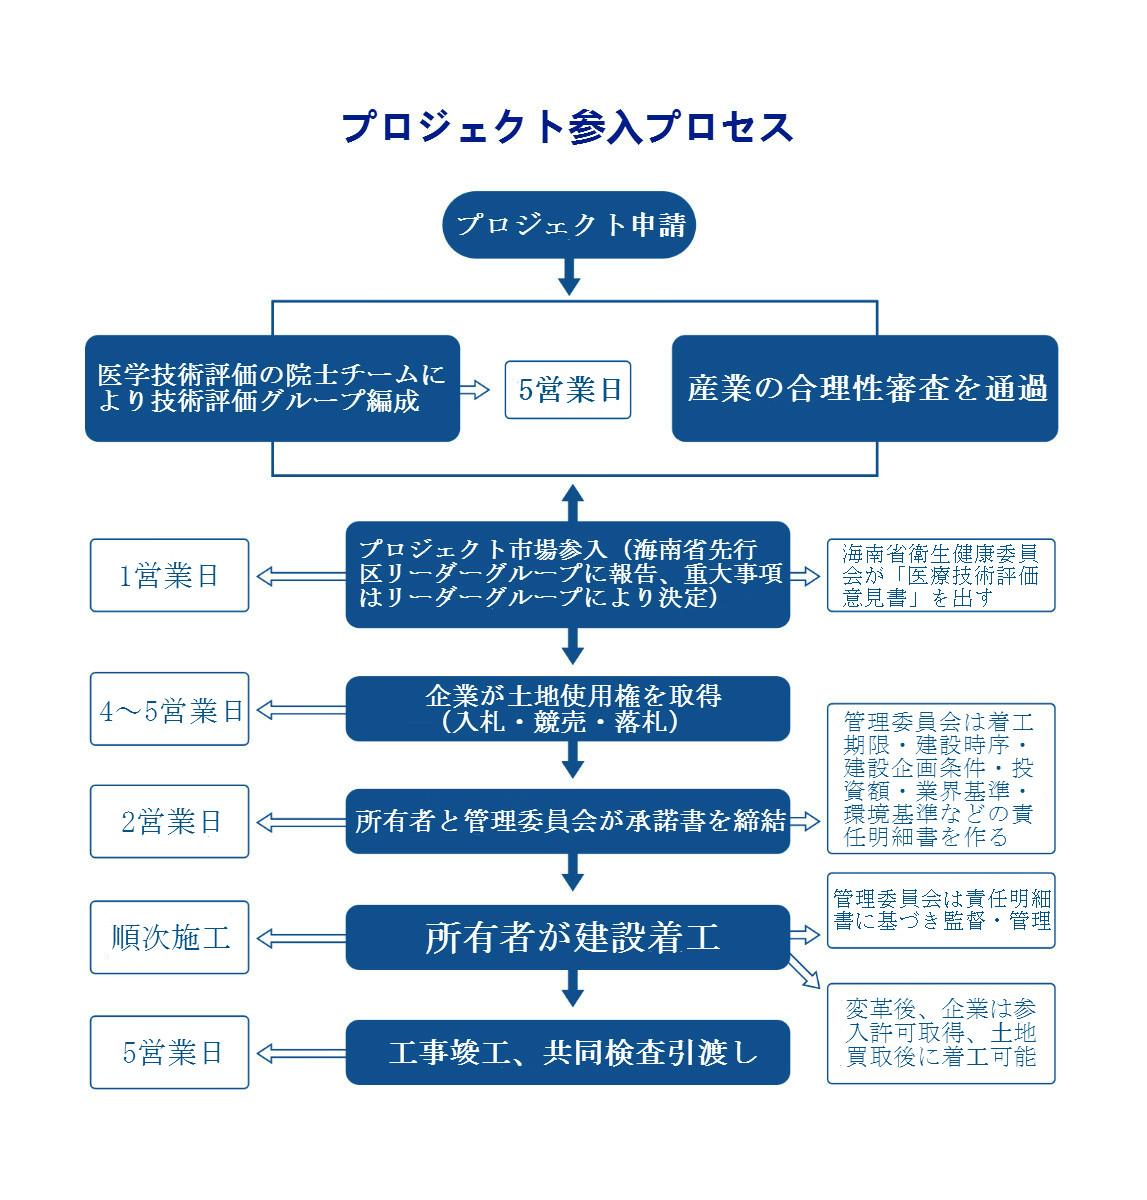 投资流程-日语.jpg